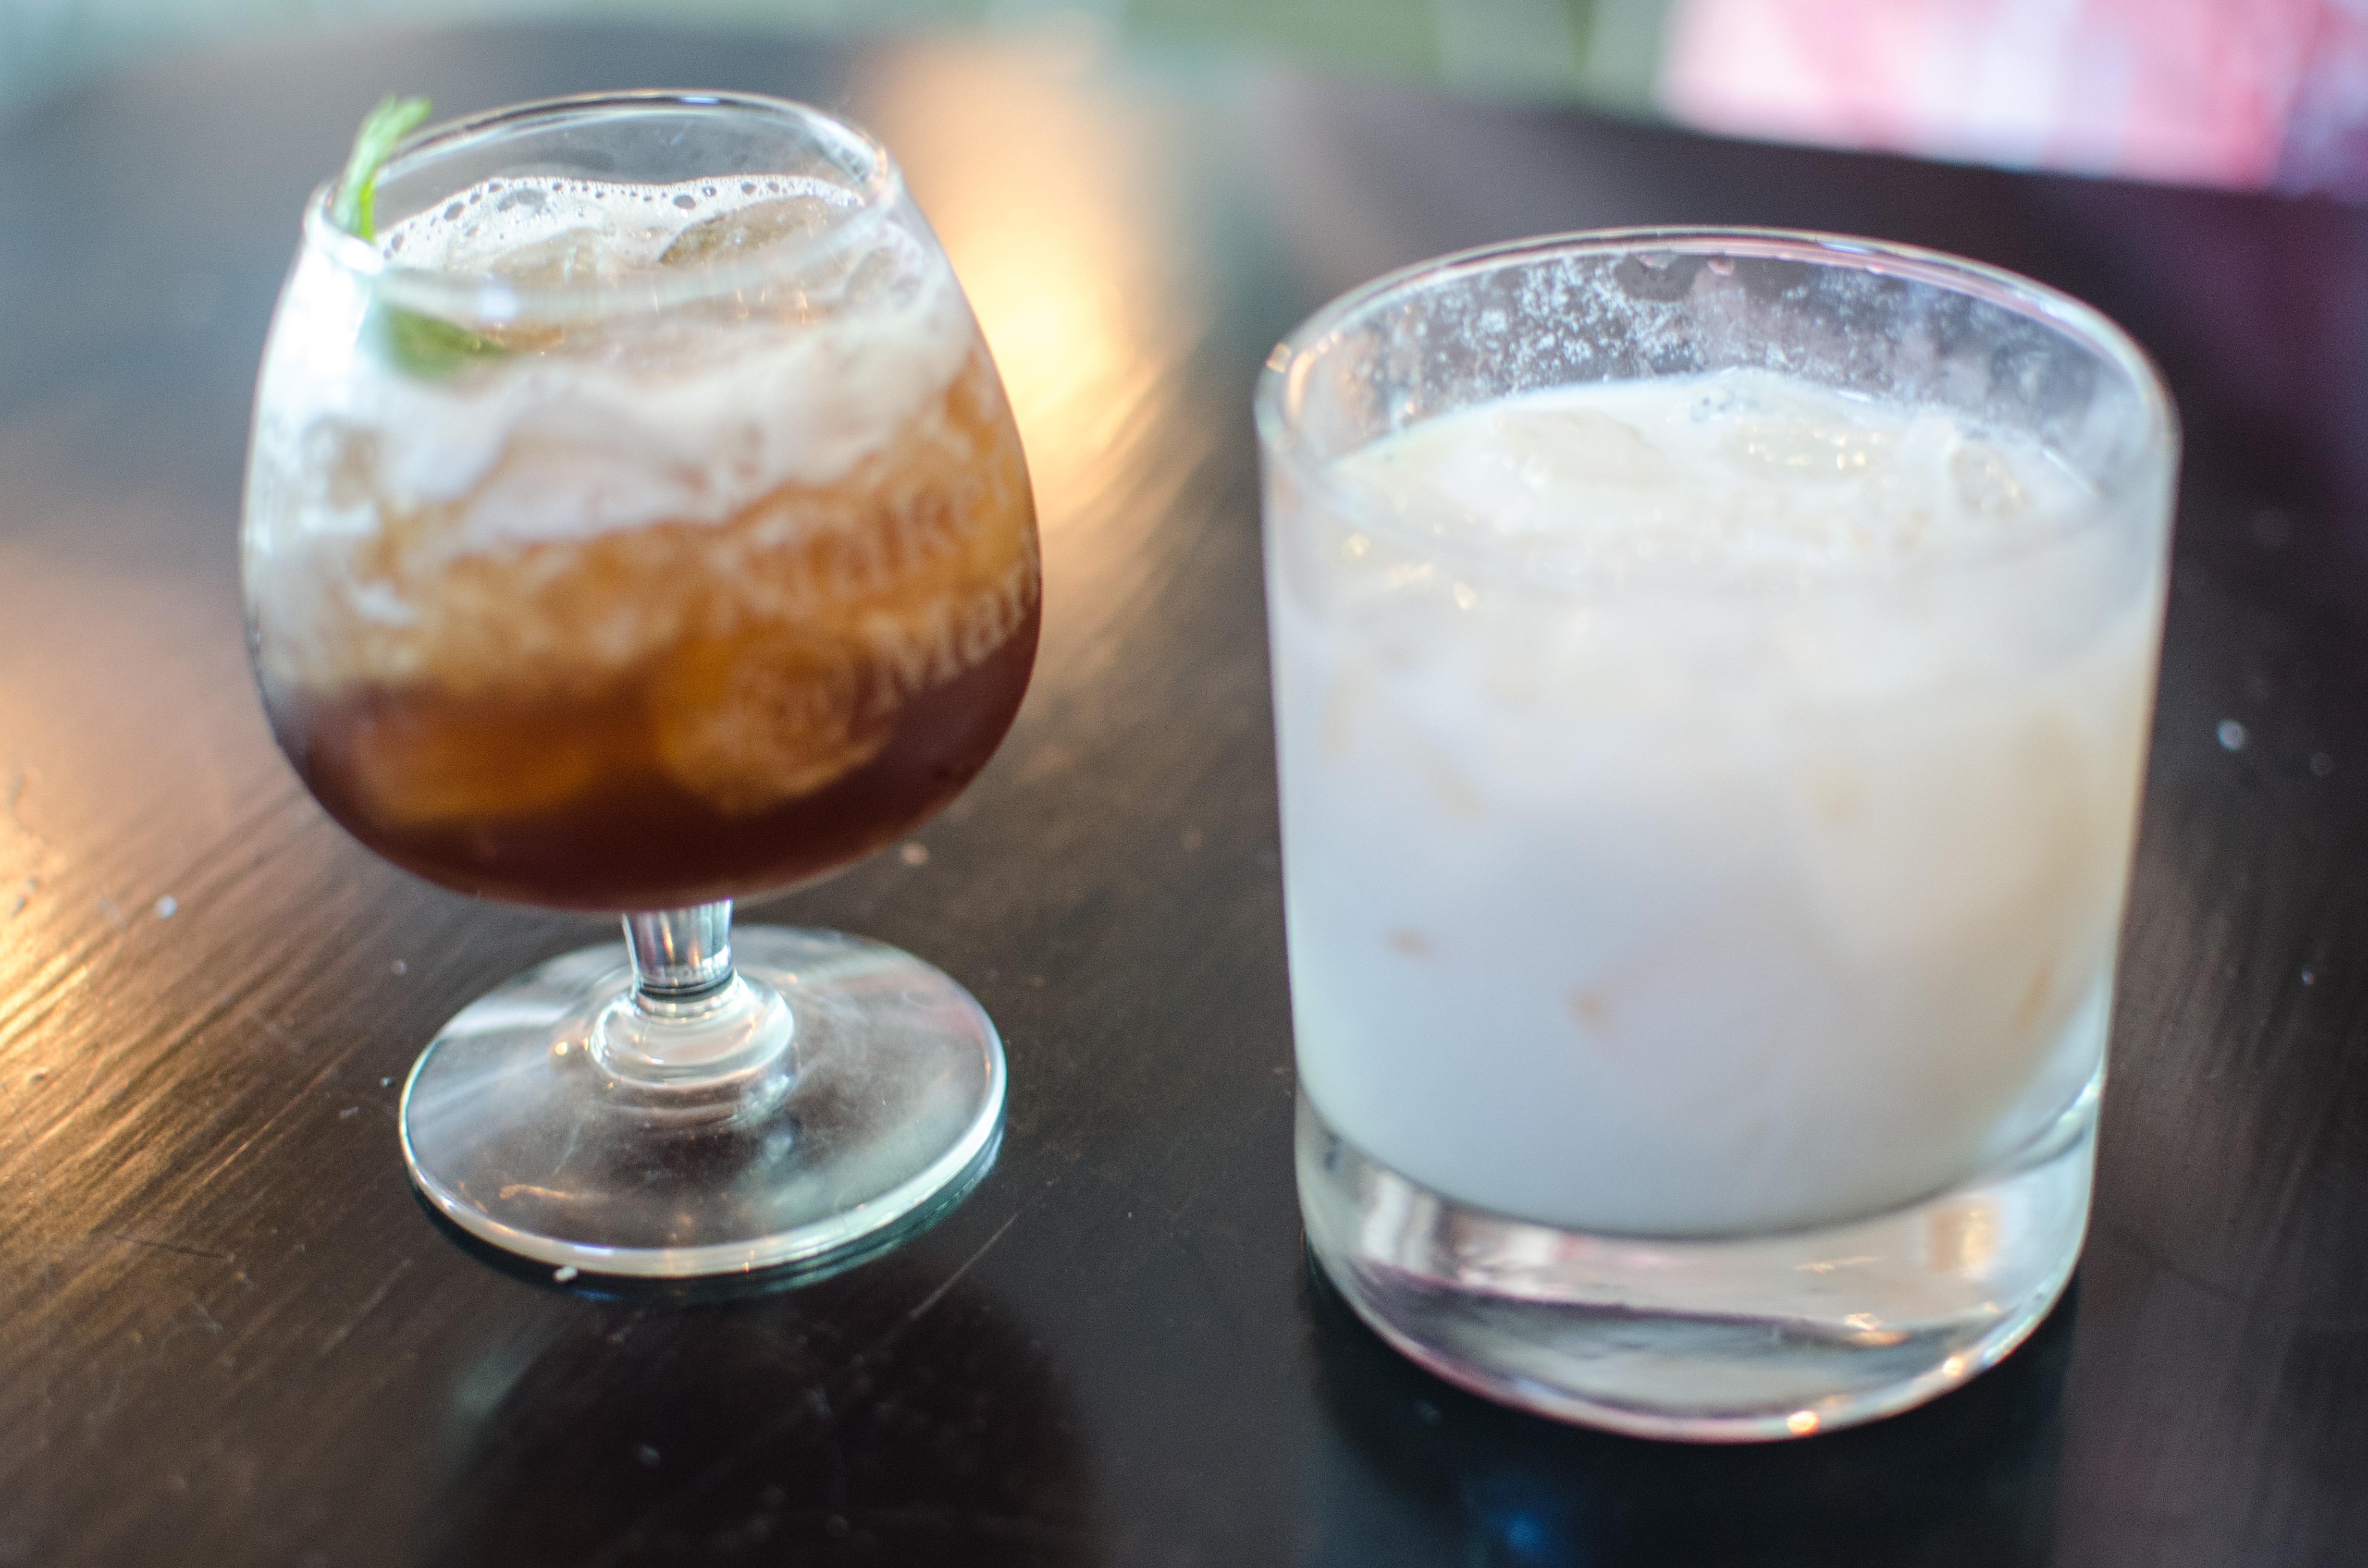 minglewood dessert drinks